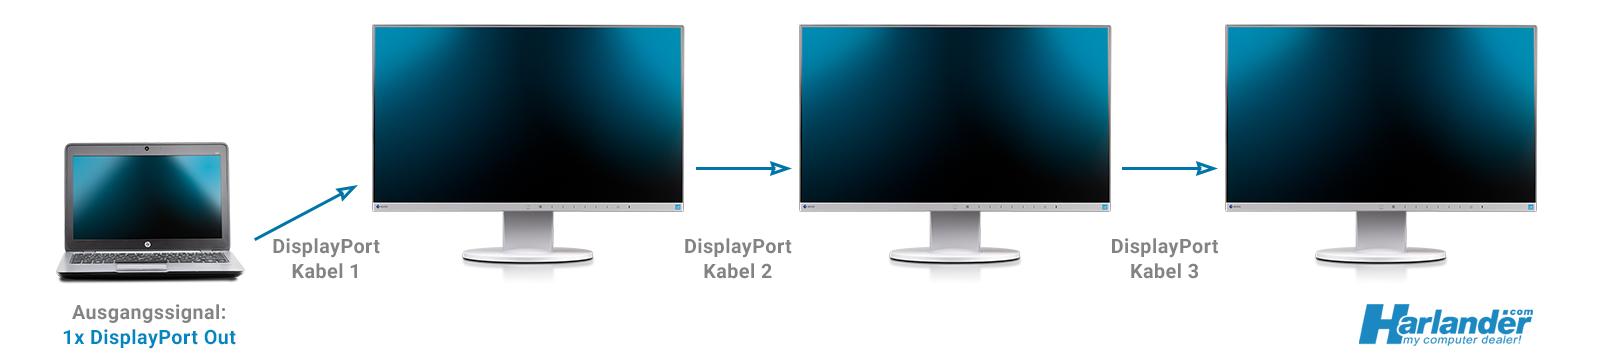 DisplayPort und DaisyChaining - einen zweiten Bildschirm anschließen bzw. mehrere Monitore an einem Ausgang. Das klappt leider nicht mit HDMI.